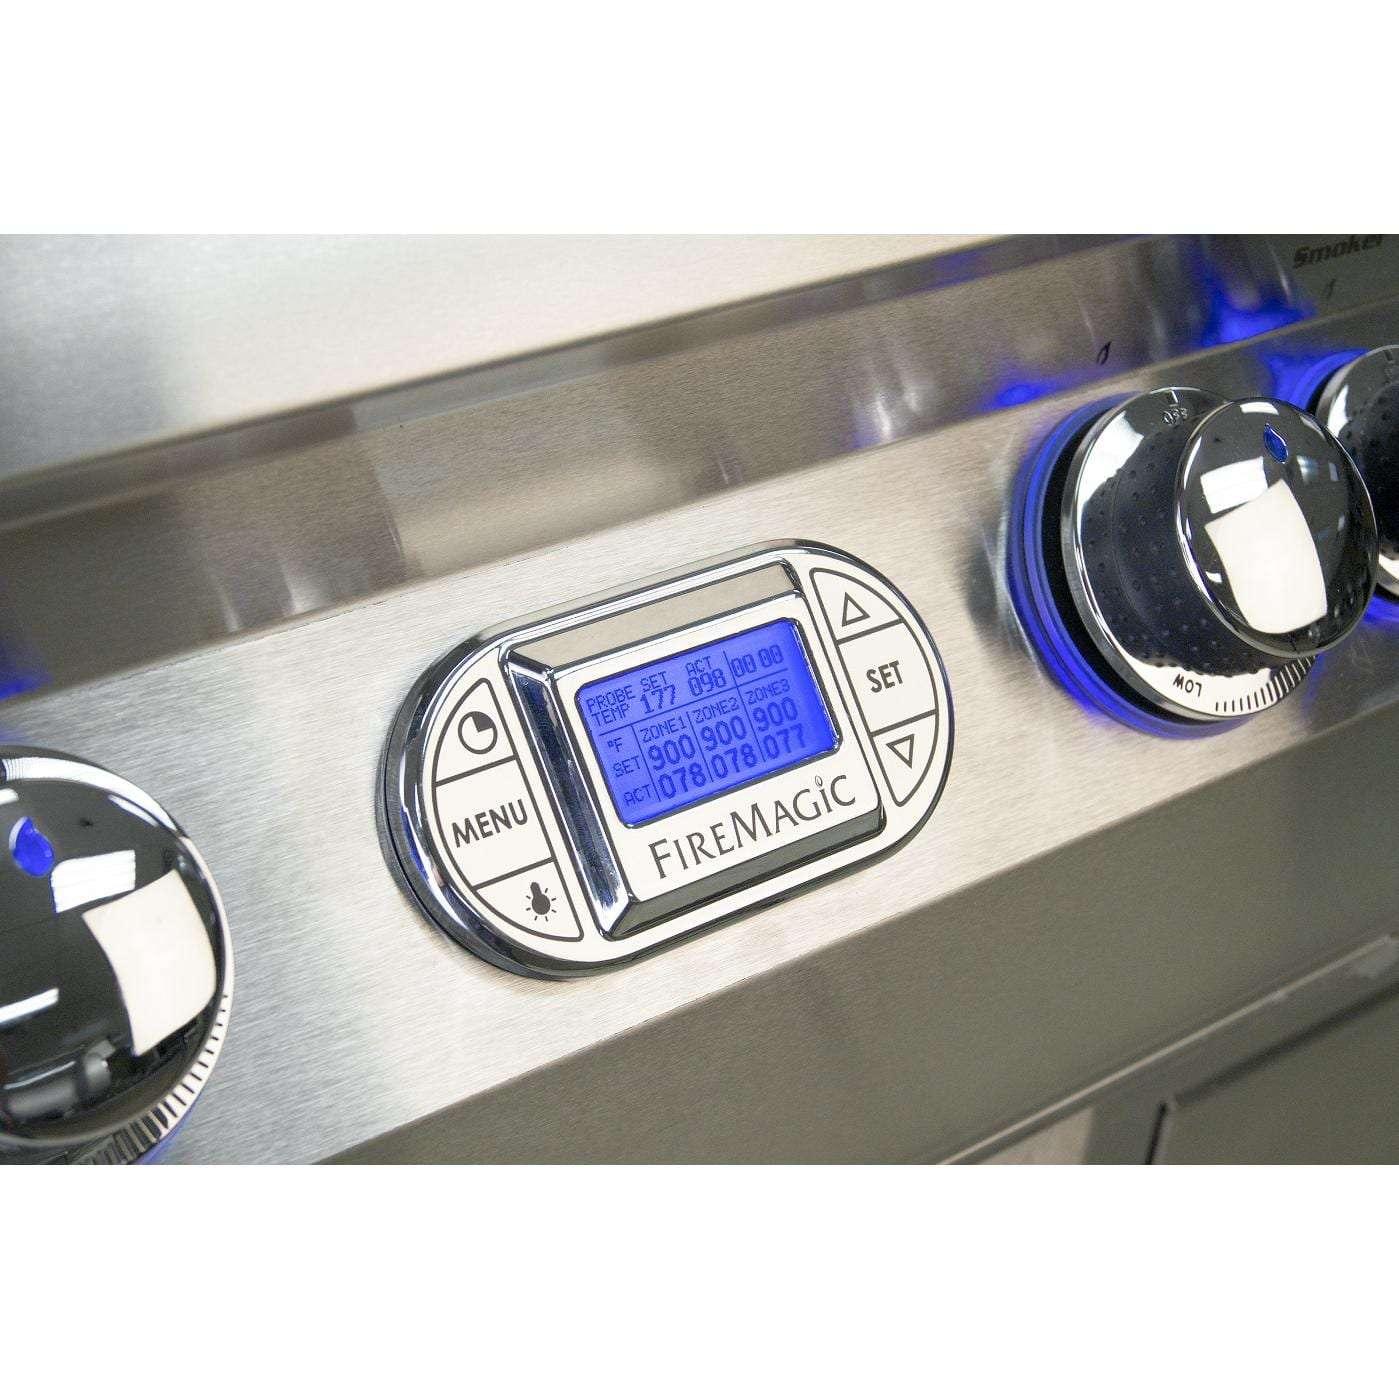 Fire Magic Echelon Diamond E790s Gas Grill - Chrome Digital Thermometer